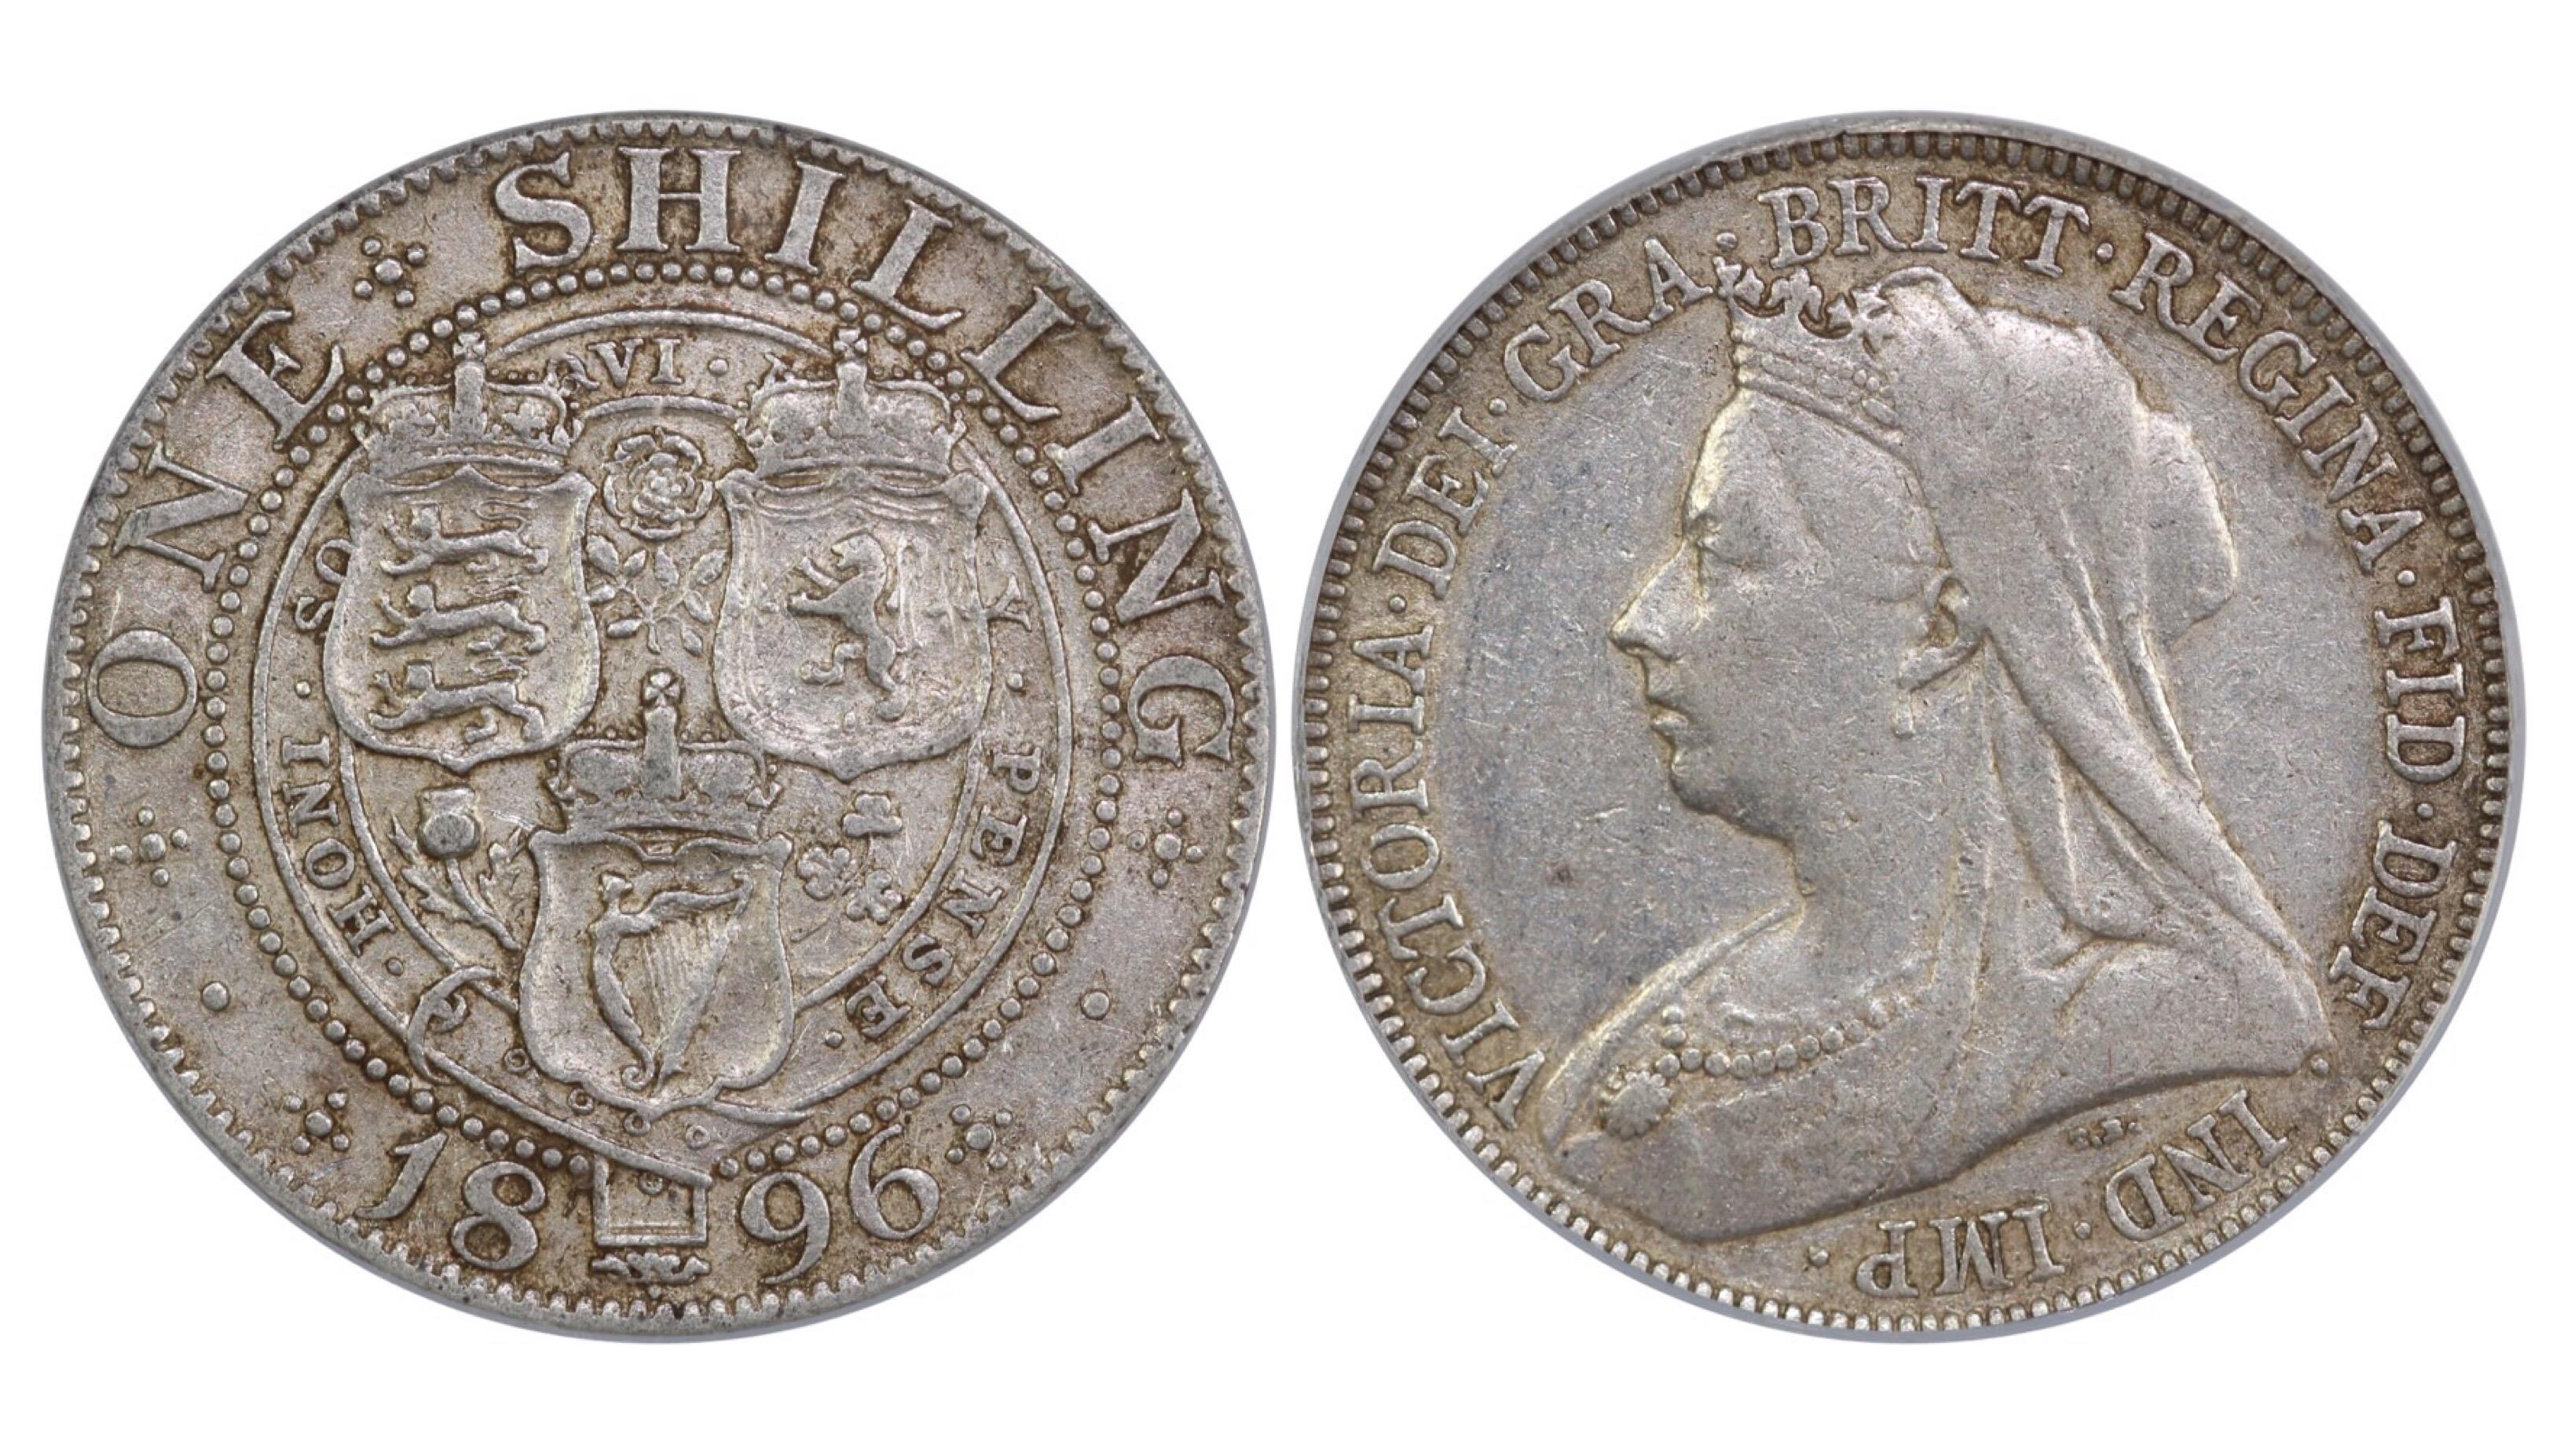 1896 Shilling, CGS 40, Victoria, ESC 1365, UIN 29035